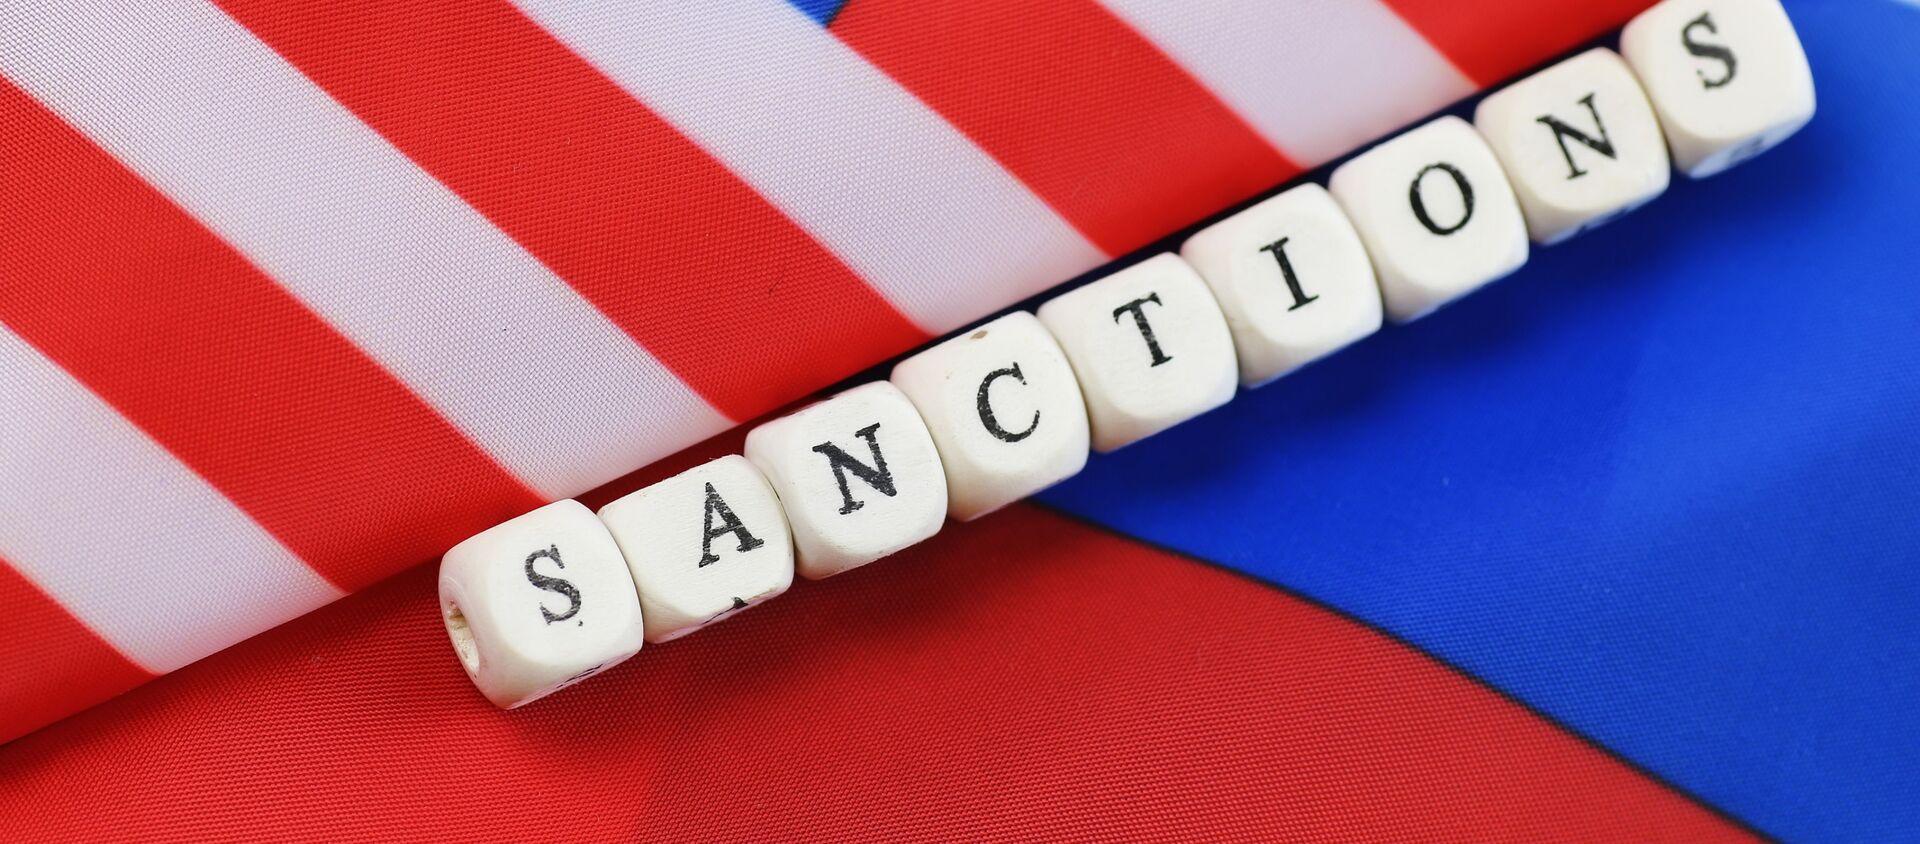 Sankcje leżące na drodze normalizacji stosunków między Rosją i USA - Sputnik Polska, 1920, 16.06.2021